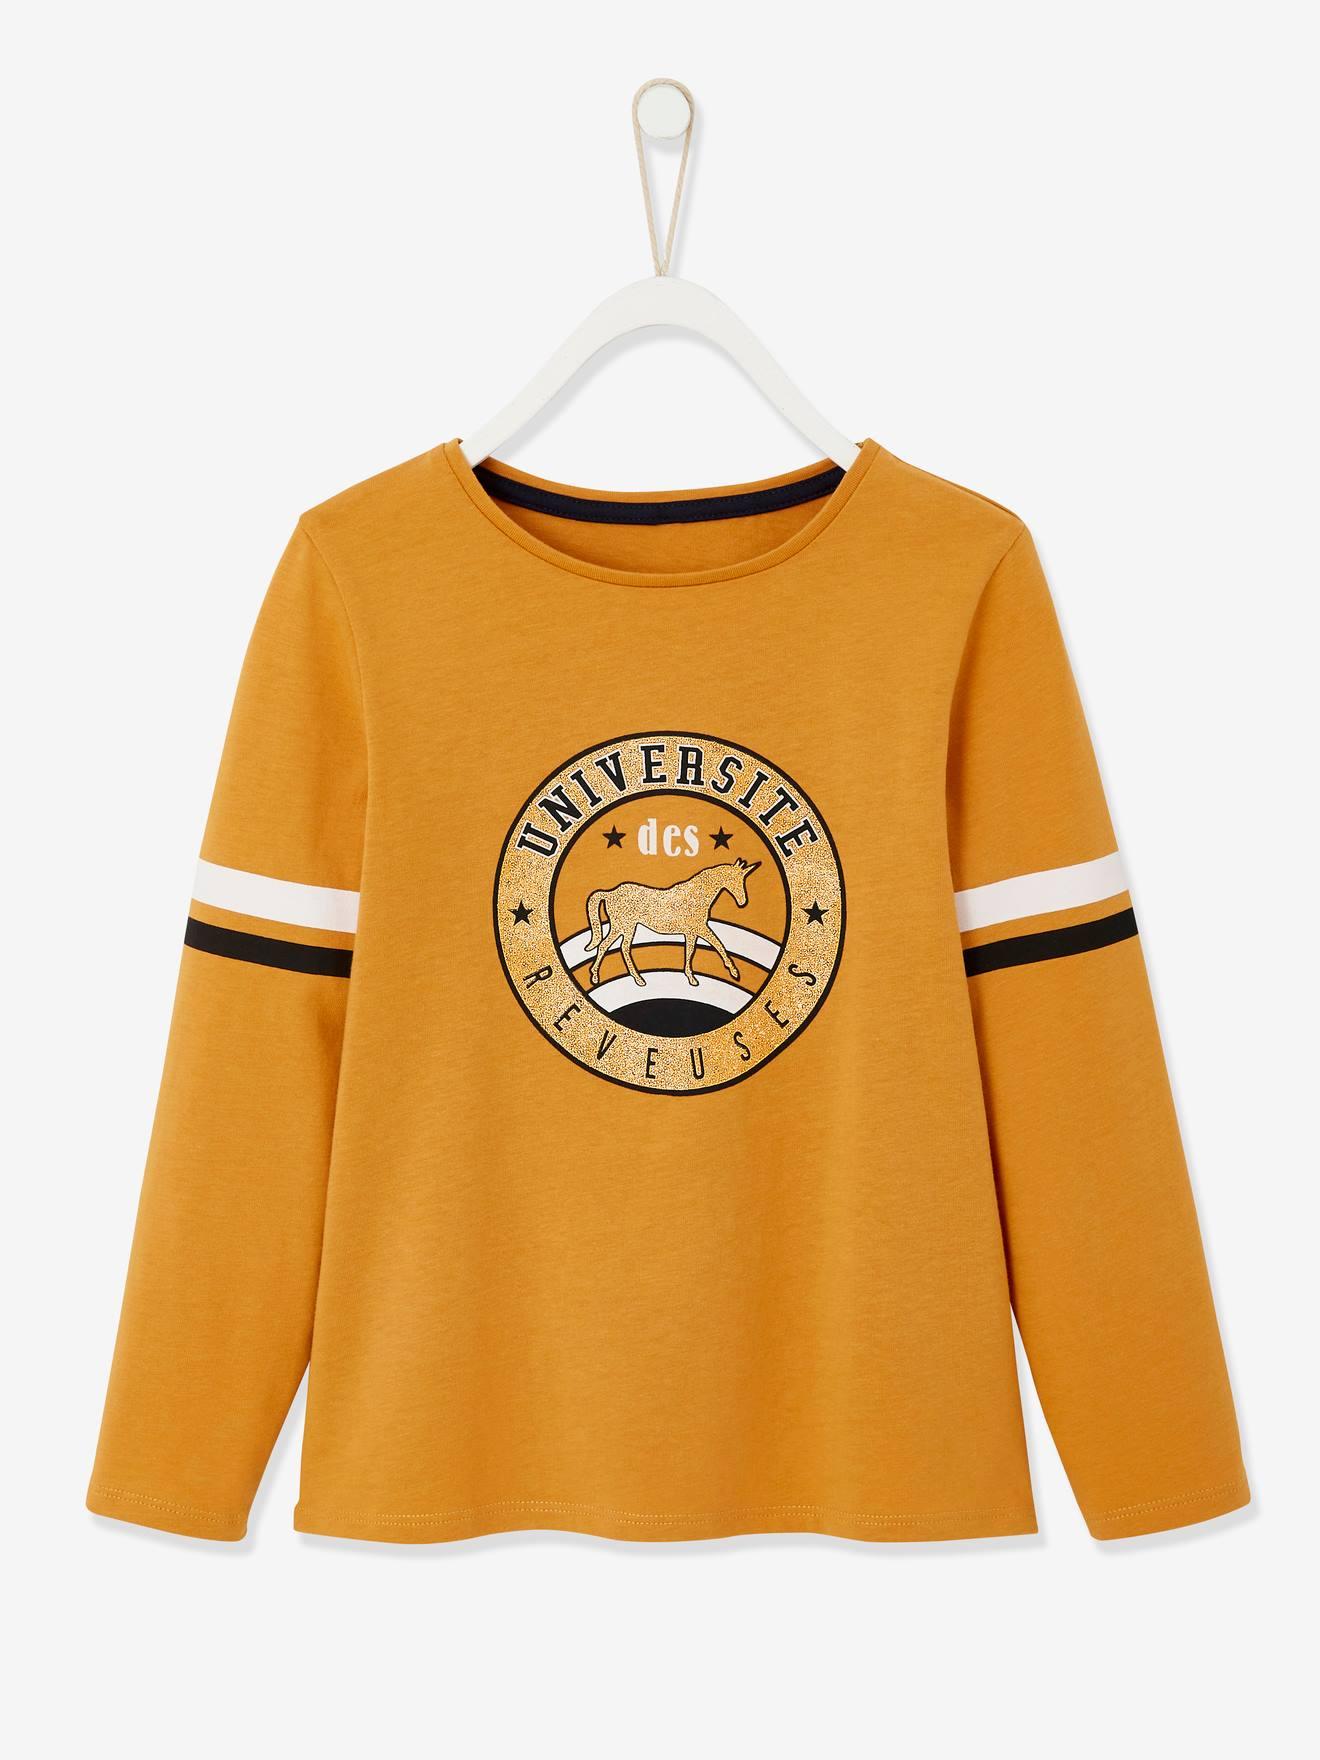 T-shirt fille esprit collège détails irisés en coton bio marron